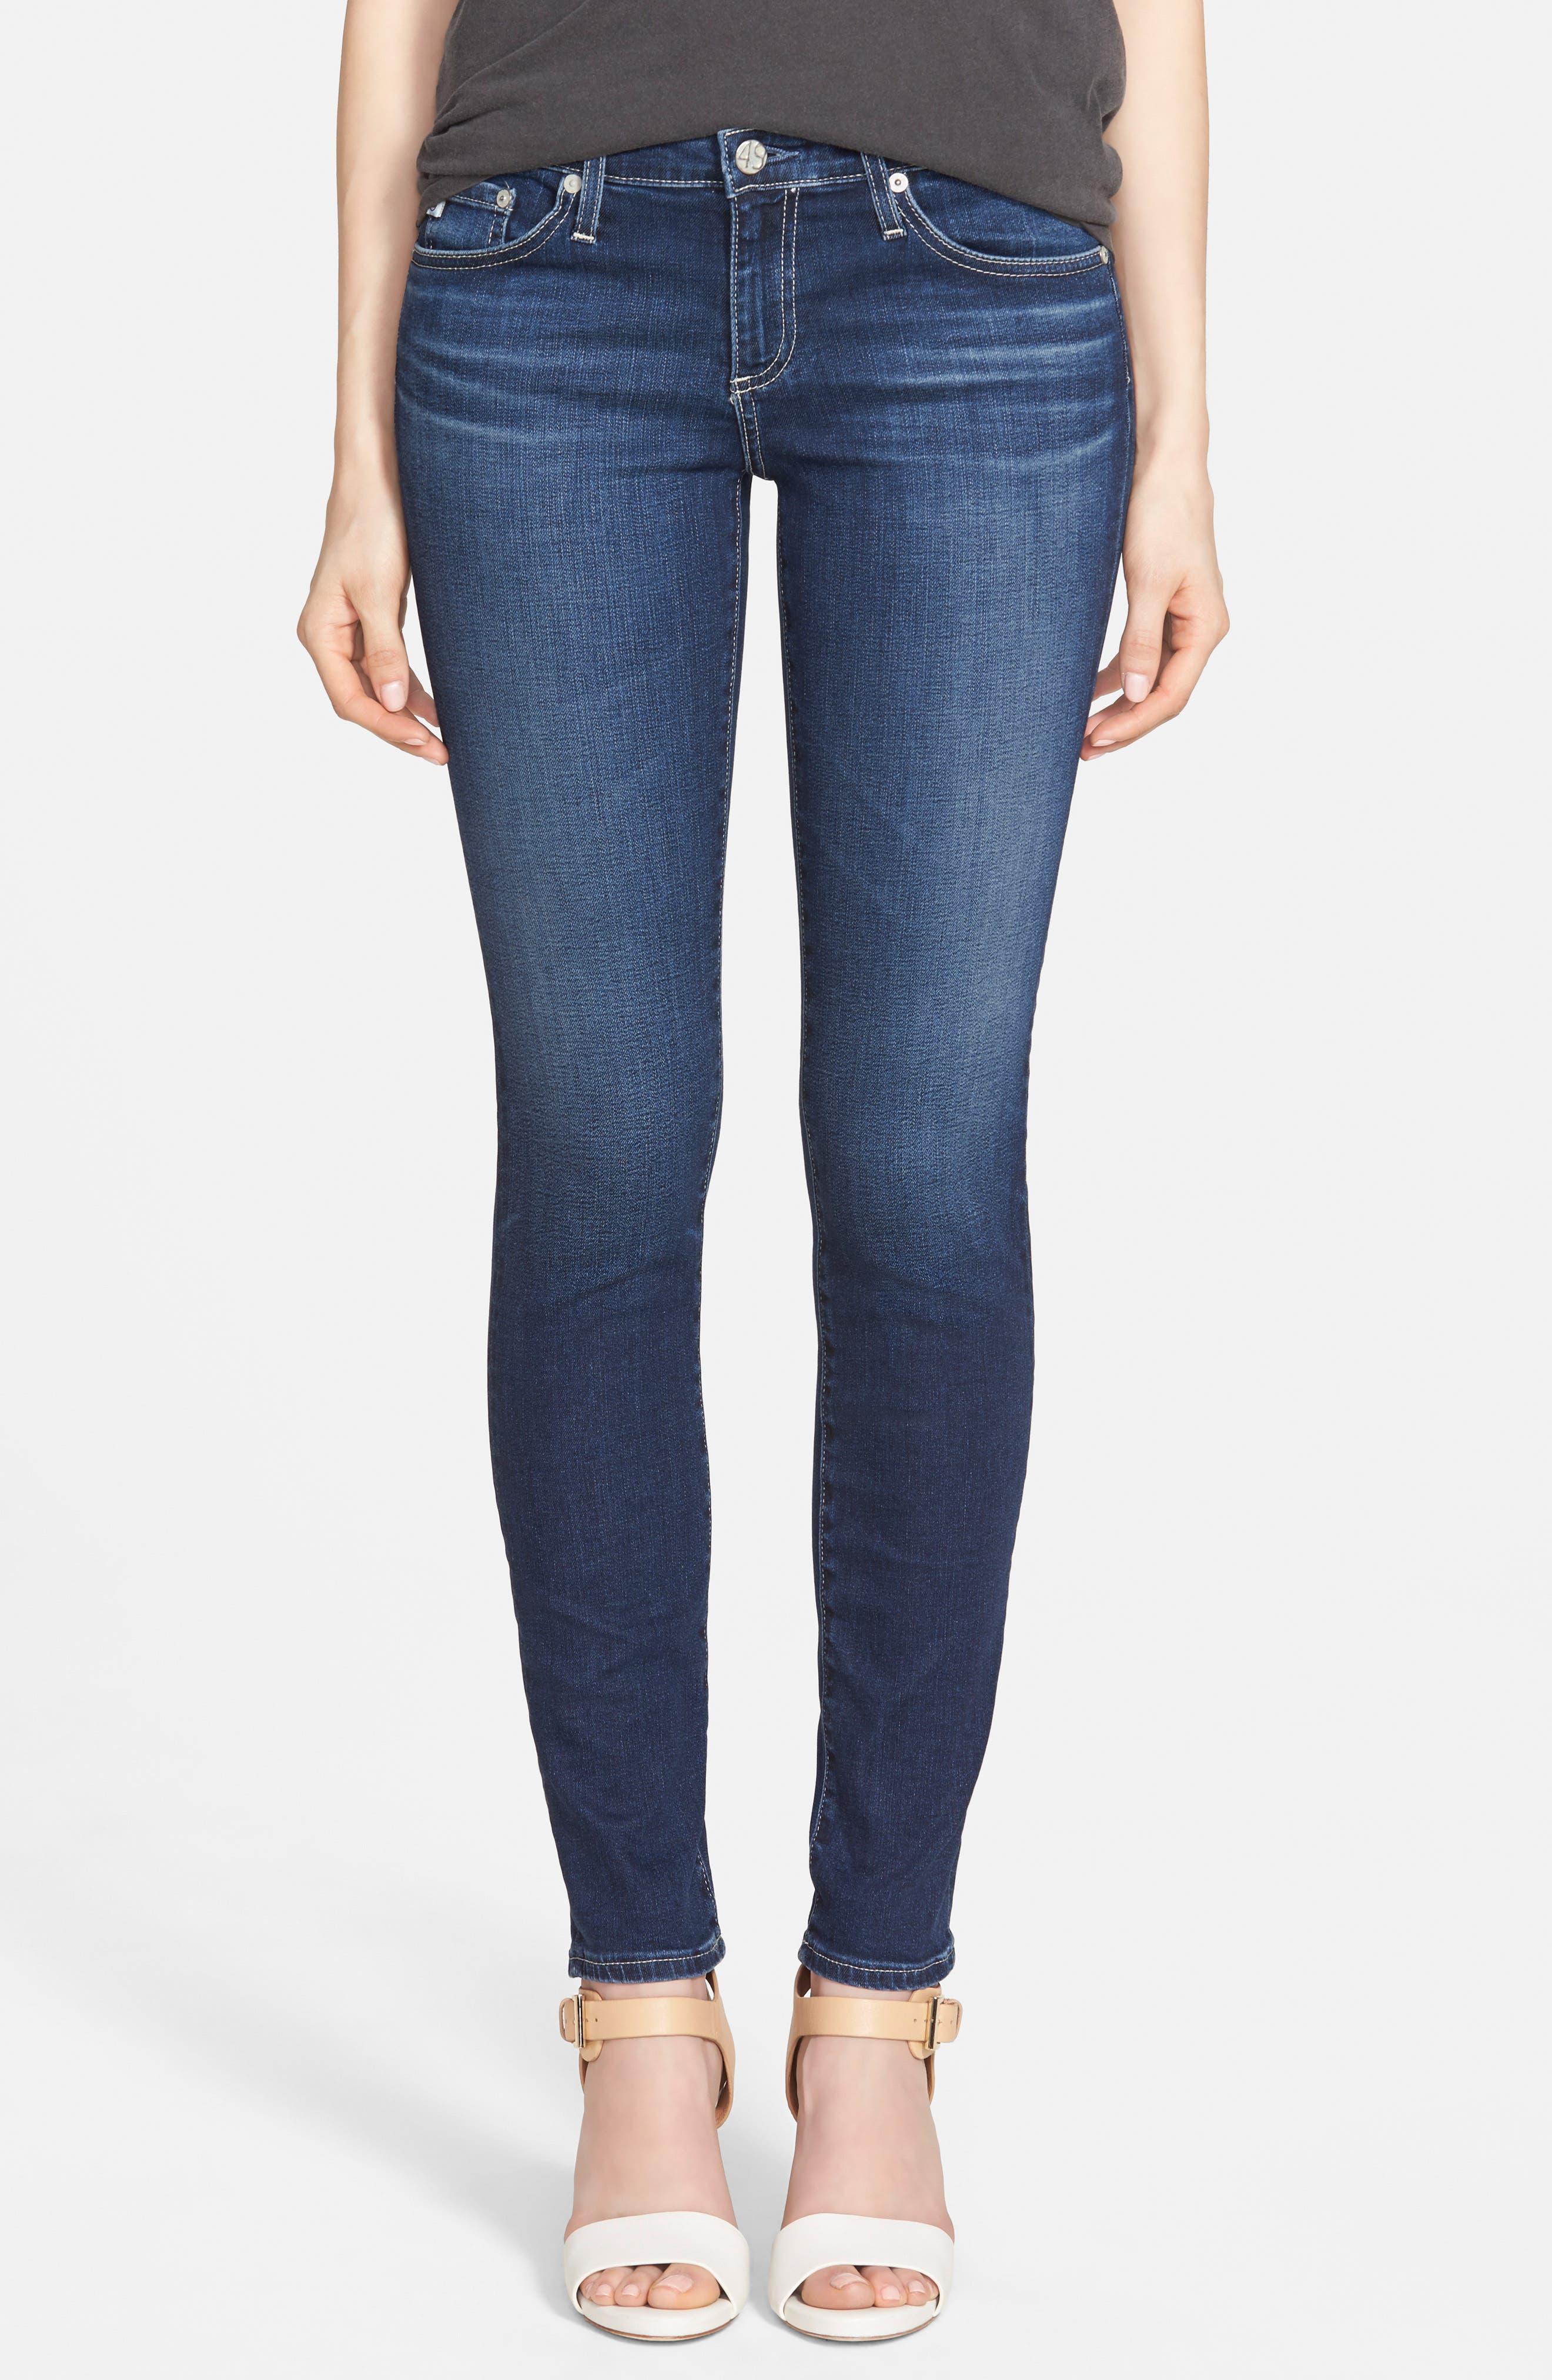 'The Stilt' Cigarette Leg Jeans,                             Alternate thumbnail 3, color,                             401